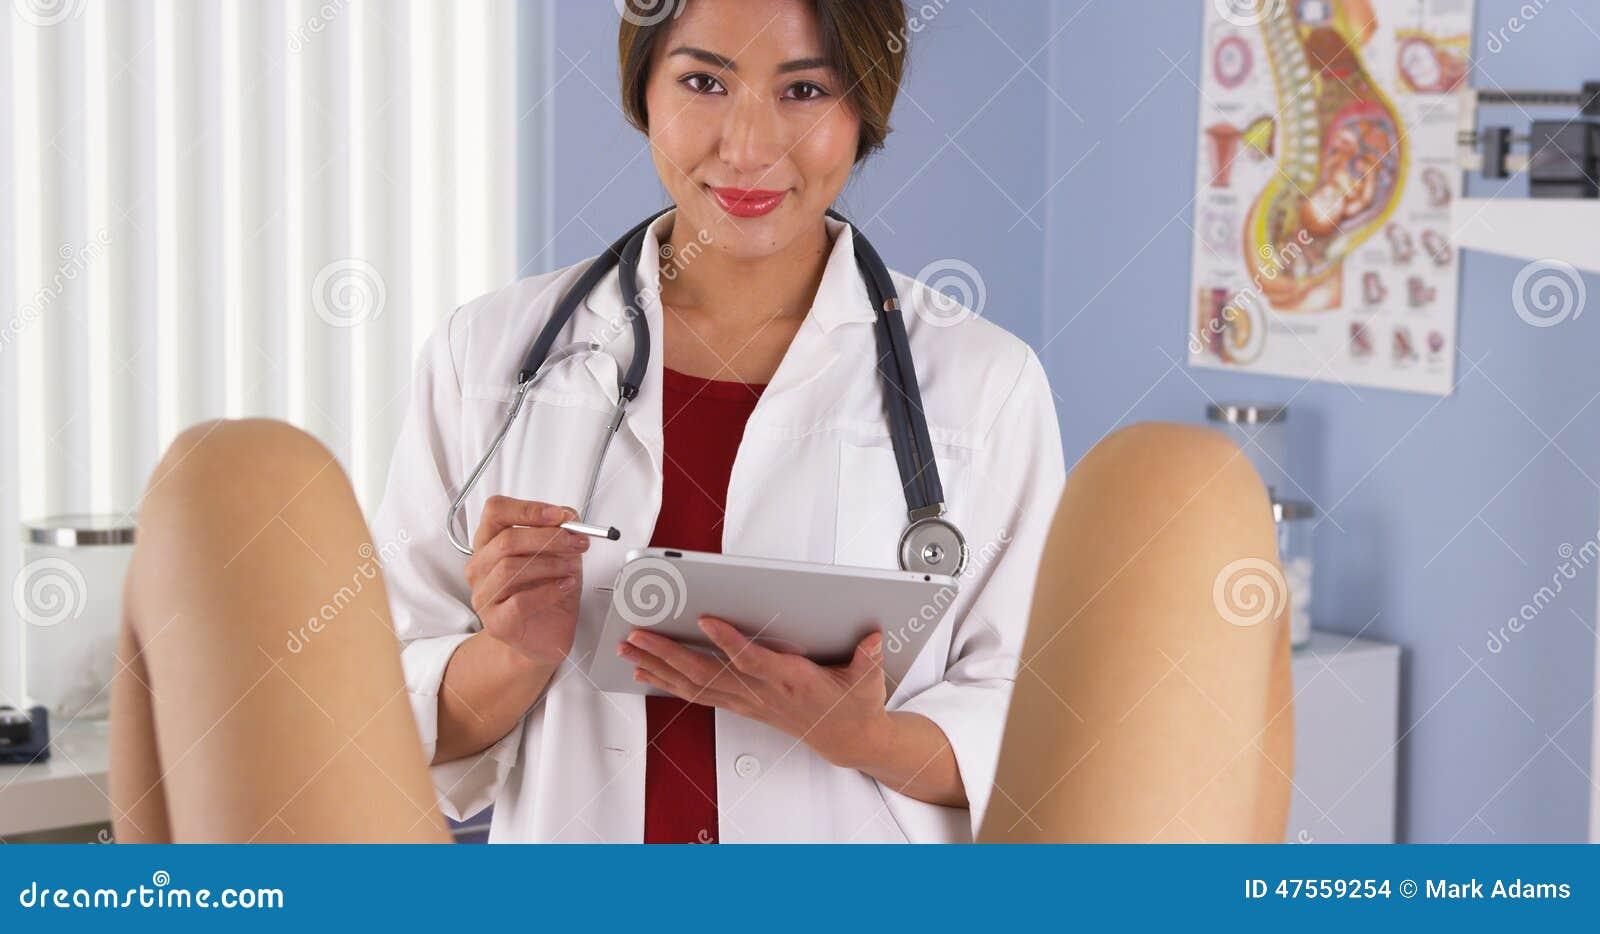 De japanse gynaecoloog onderzoekt pati nt in de ruimte van het het ziekenhuisexamen stock foto - Ruimte van het meisje parket ...